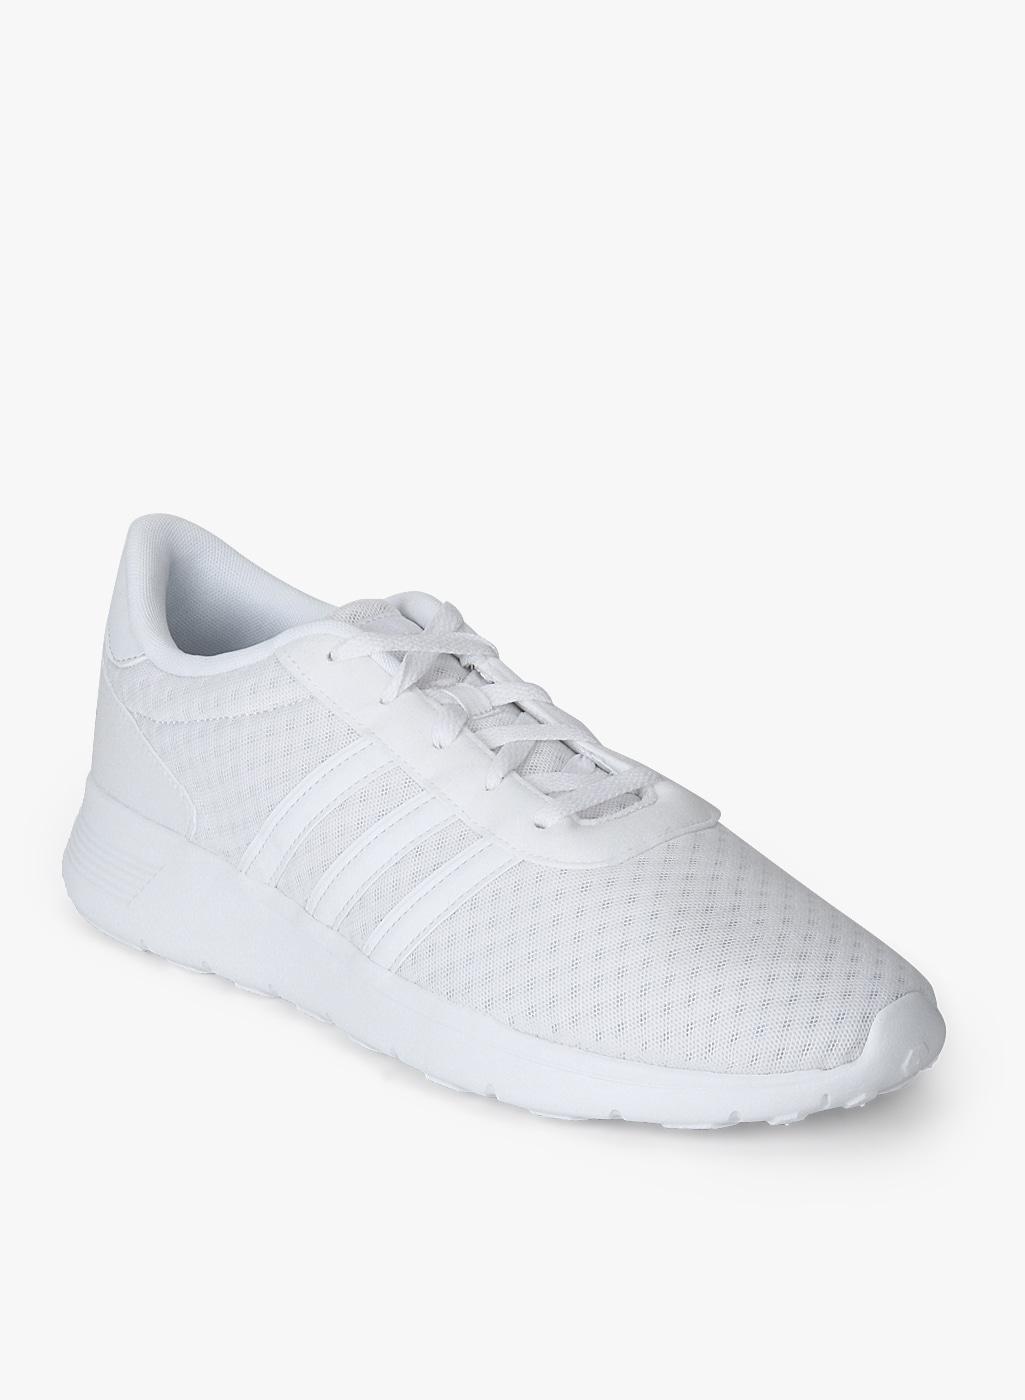 58d49de4f28 Adidas Chaps Belts Casual Shoes - Buy Adidas Chaps Belts Casual Shoes  online in India